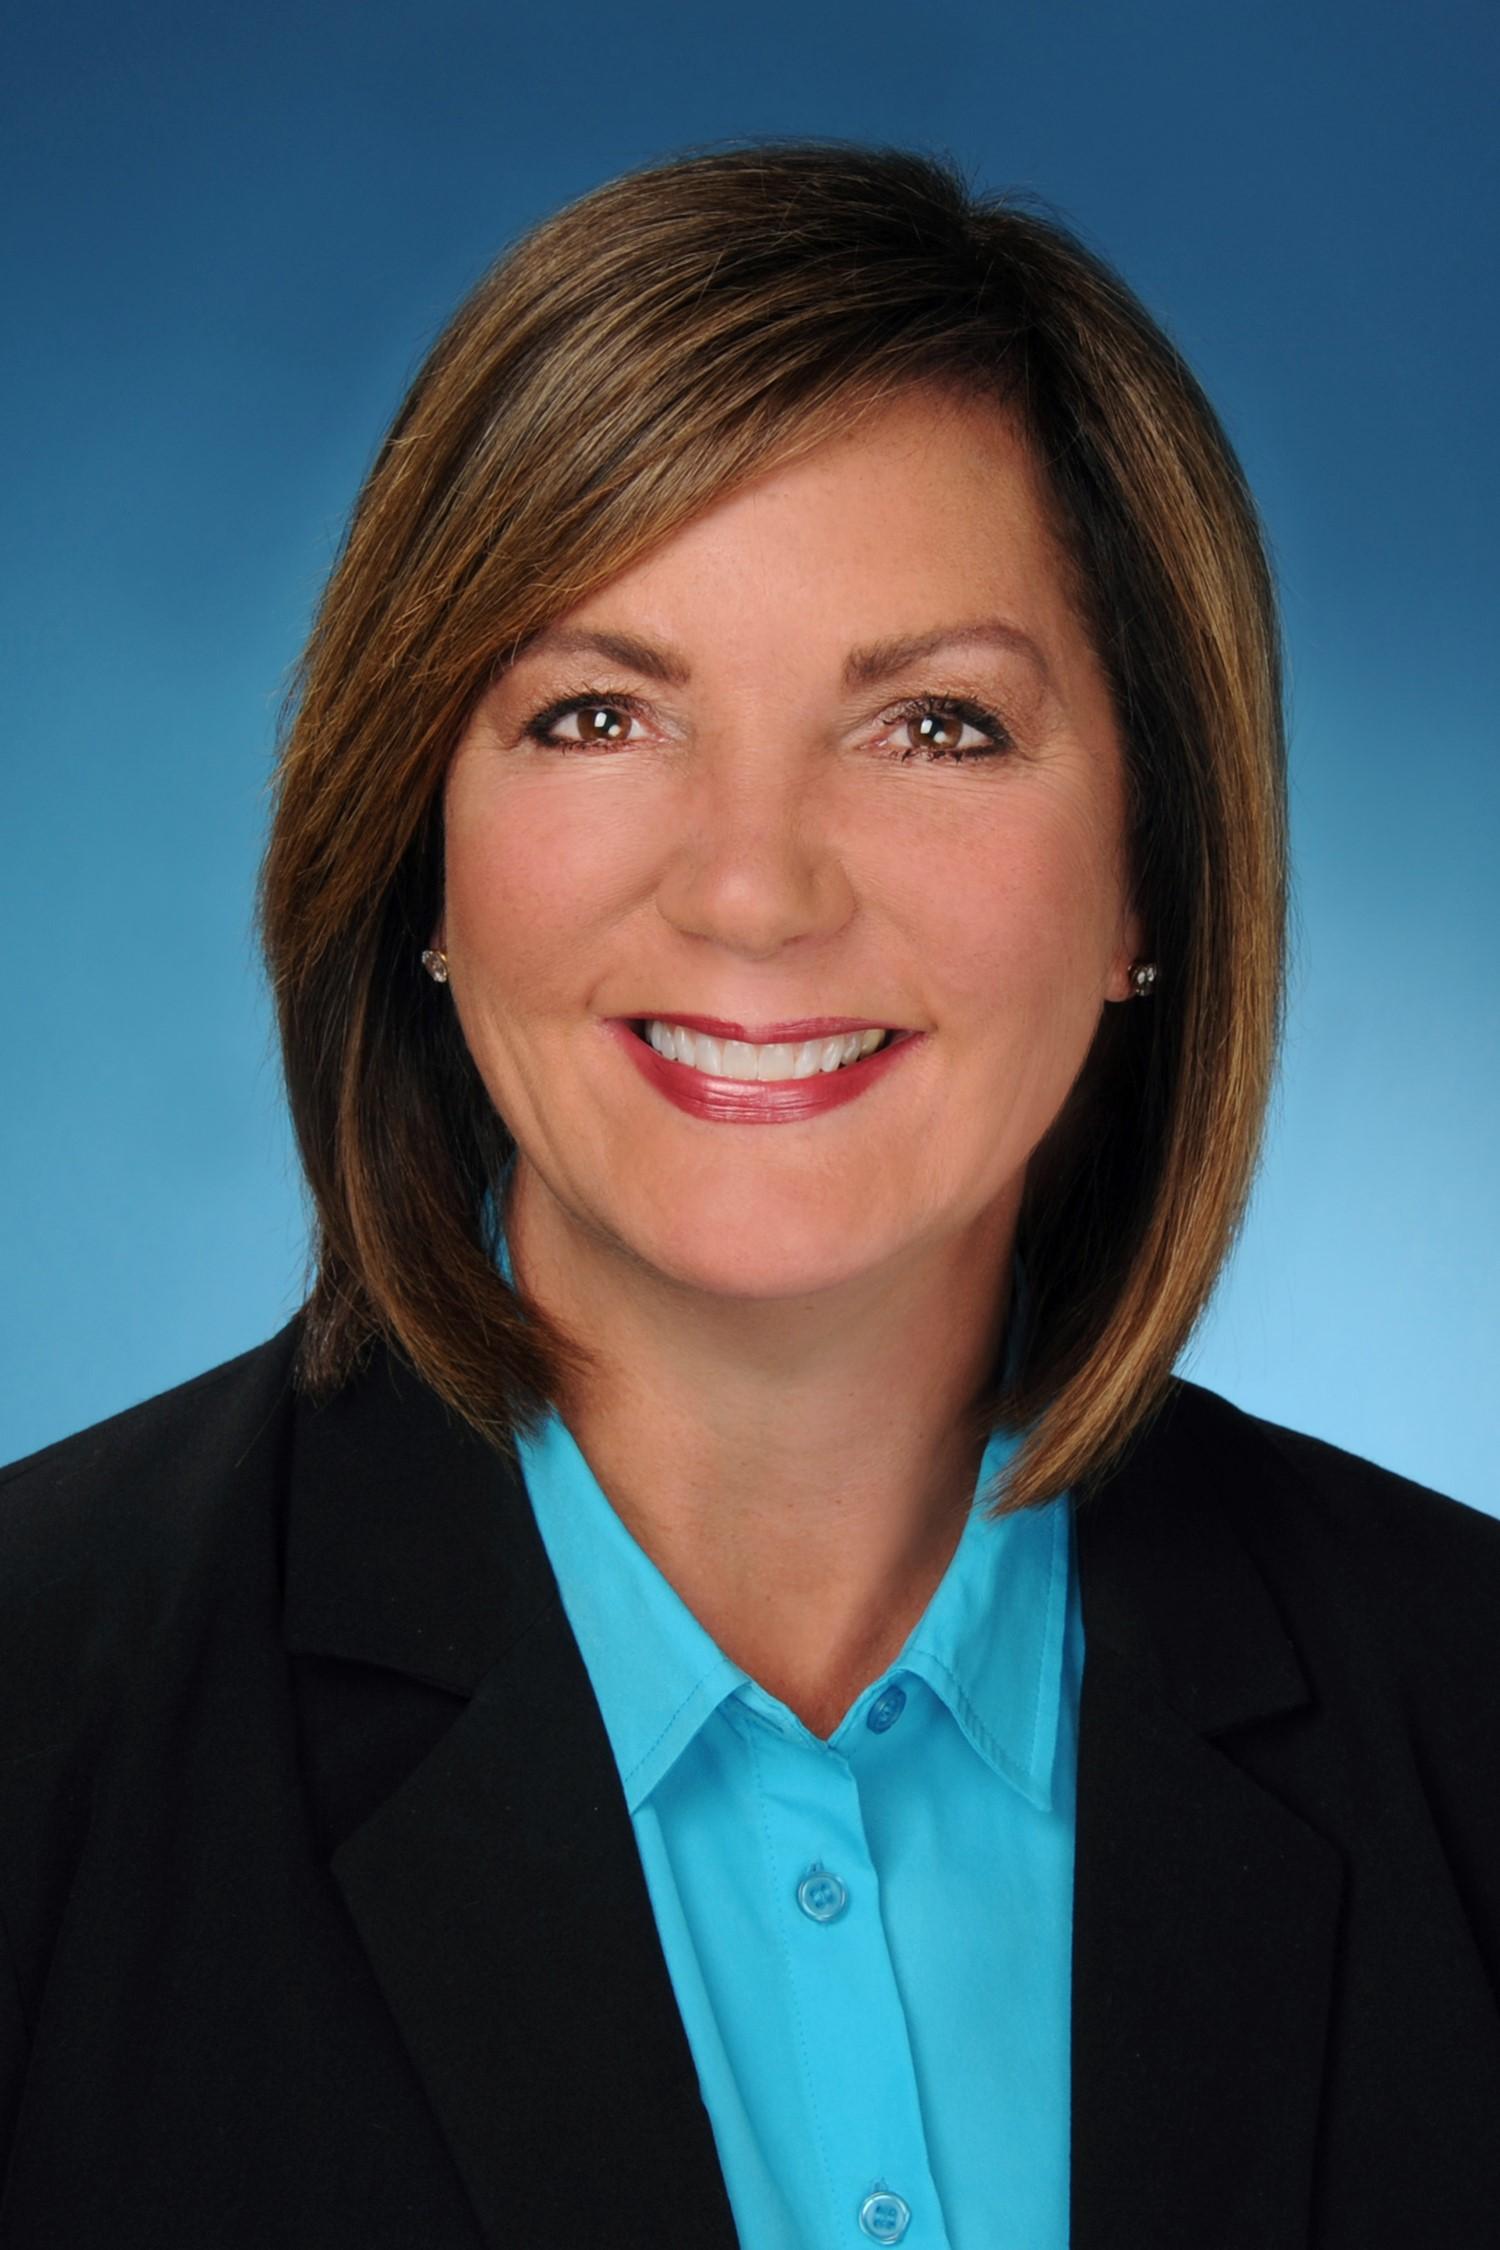 Lisa Sparr